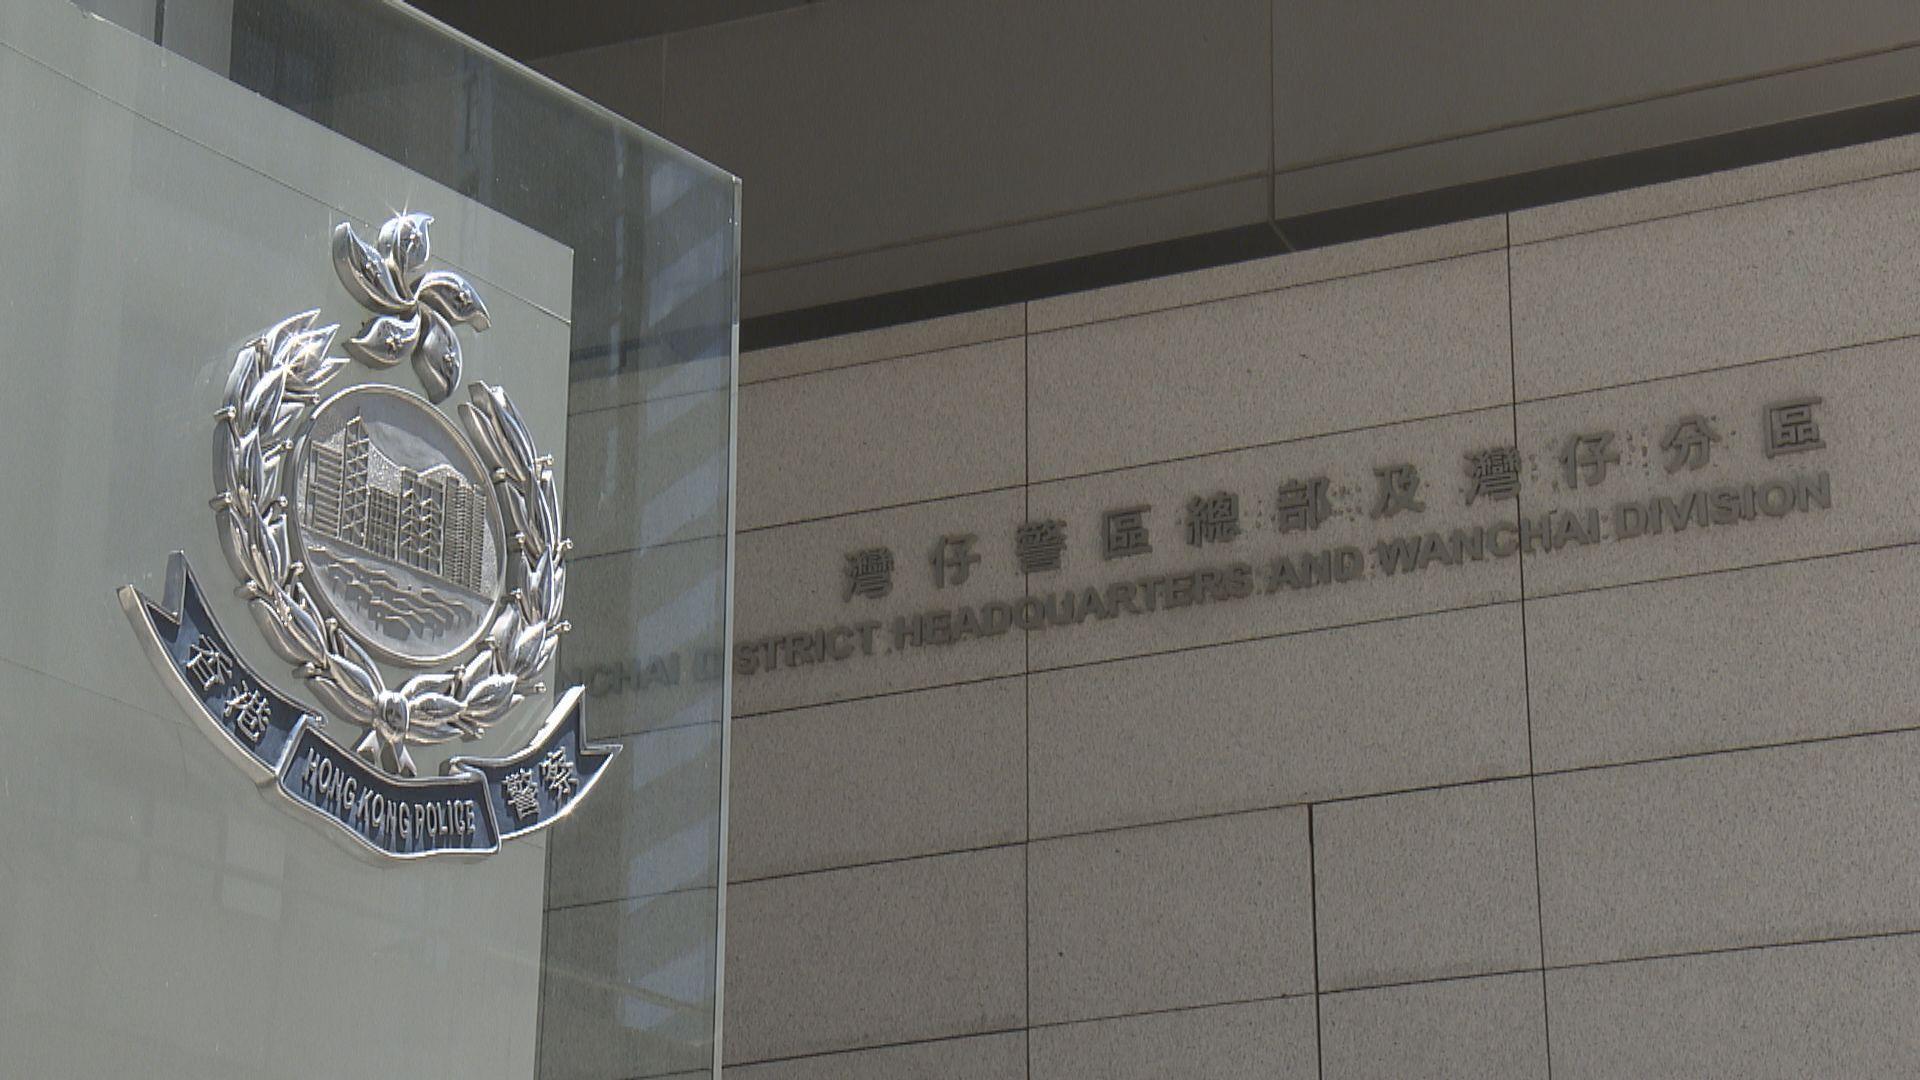 警察總部收到包裹疑似爆炸裝置 收件人為警務處處長